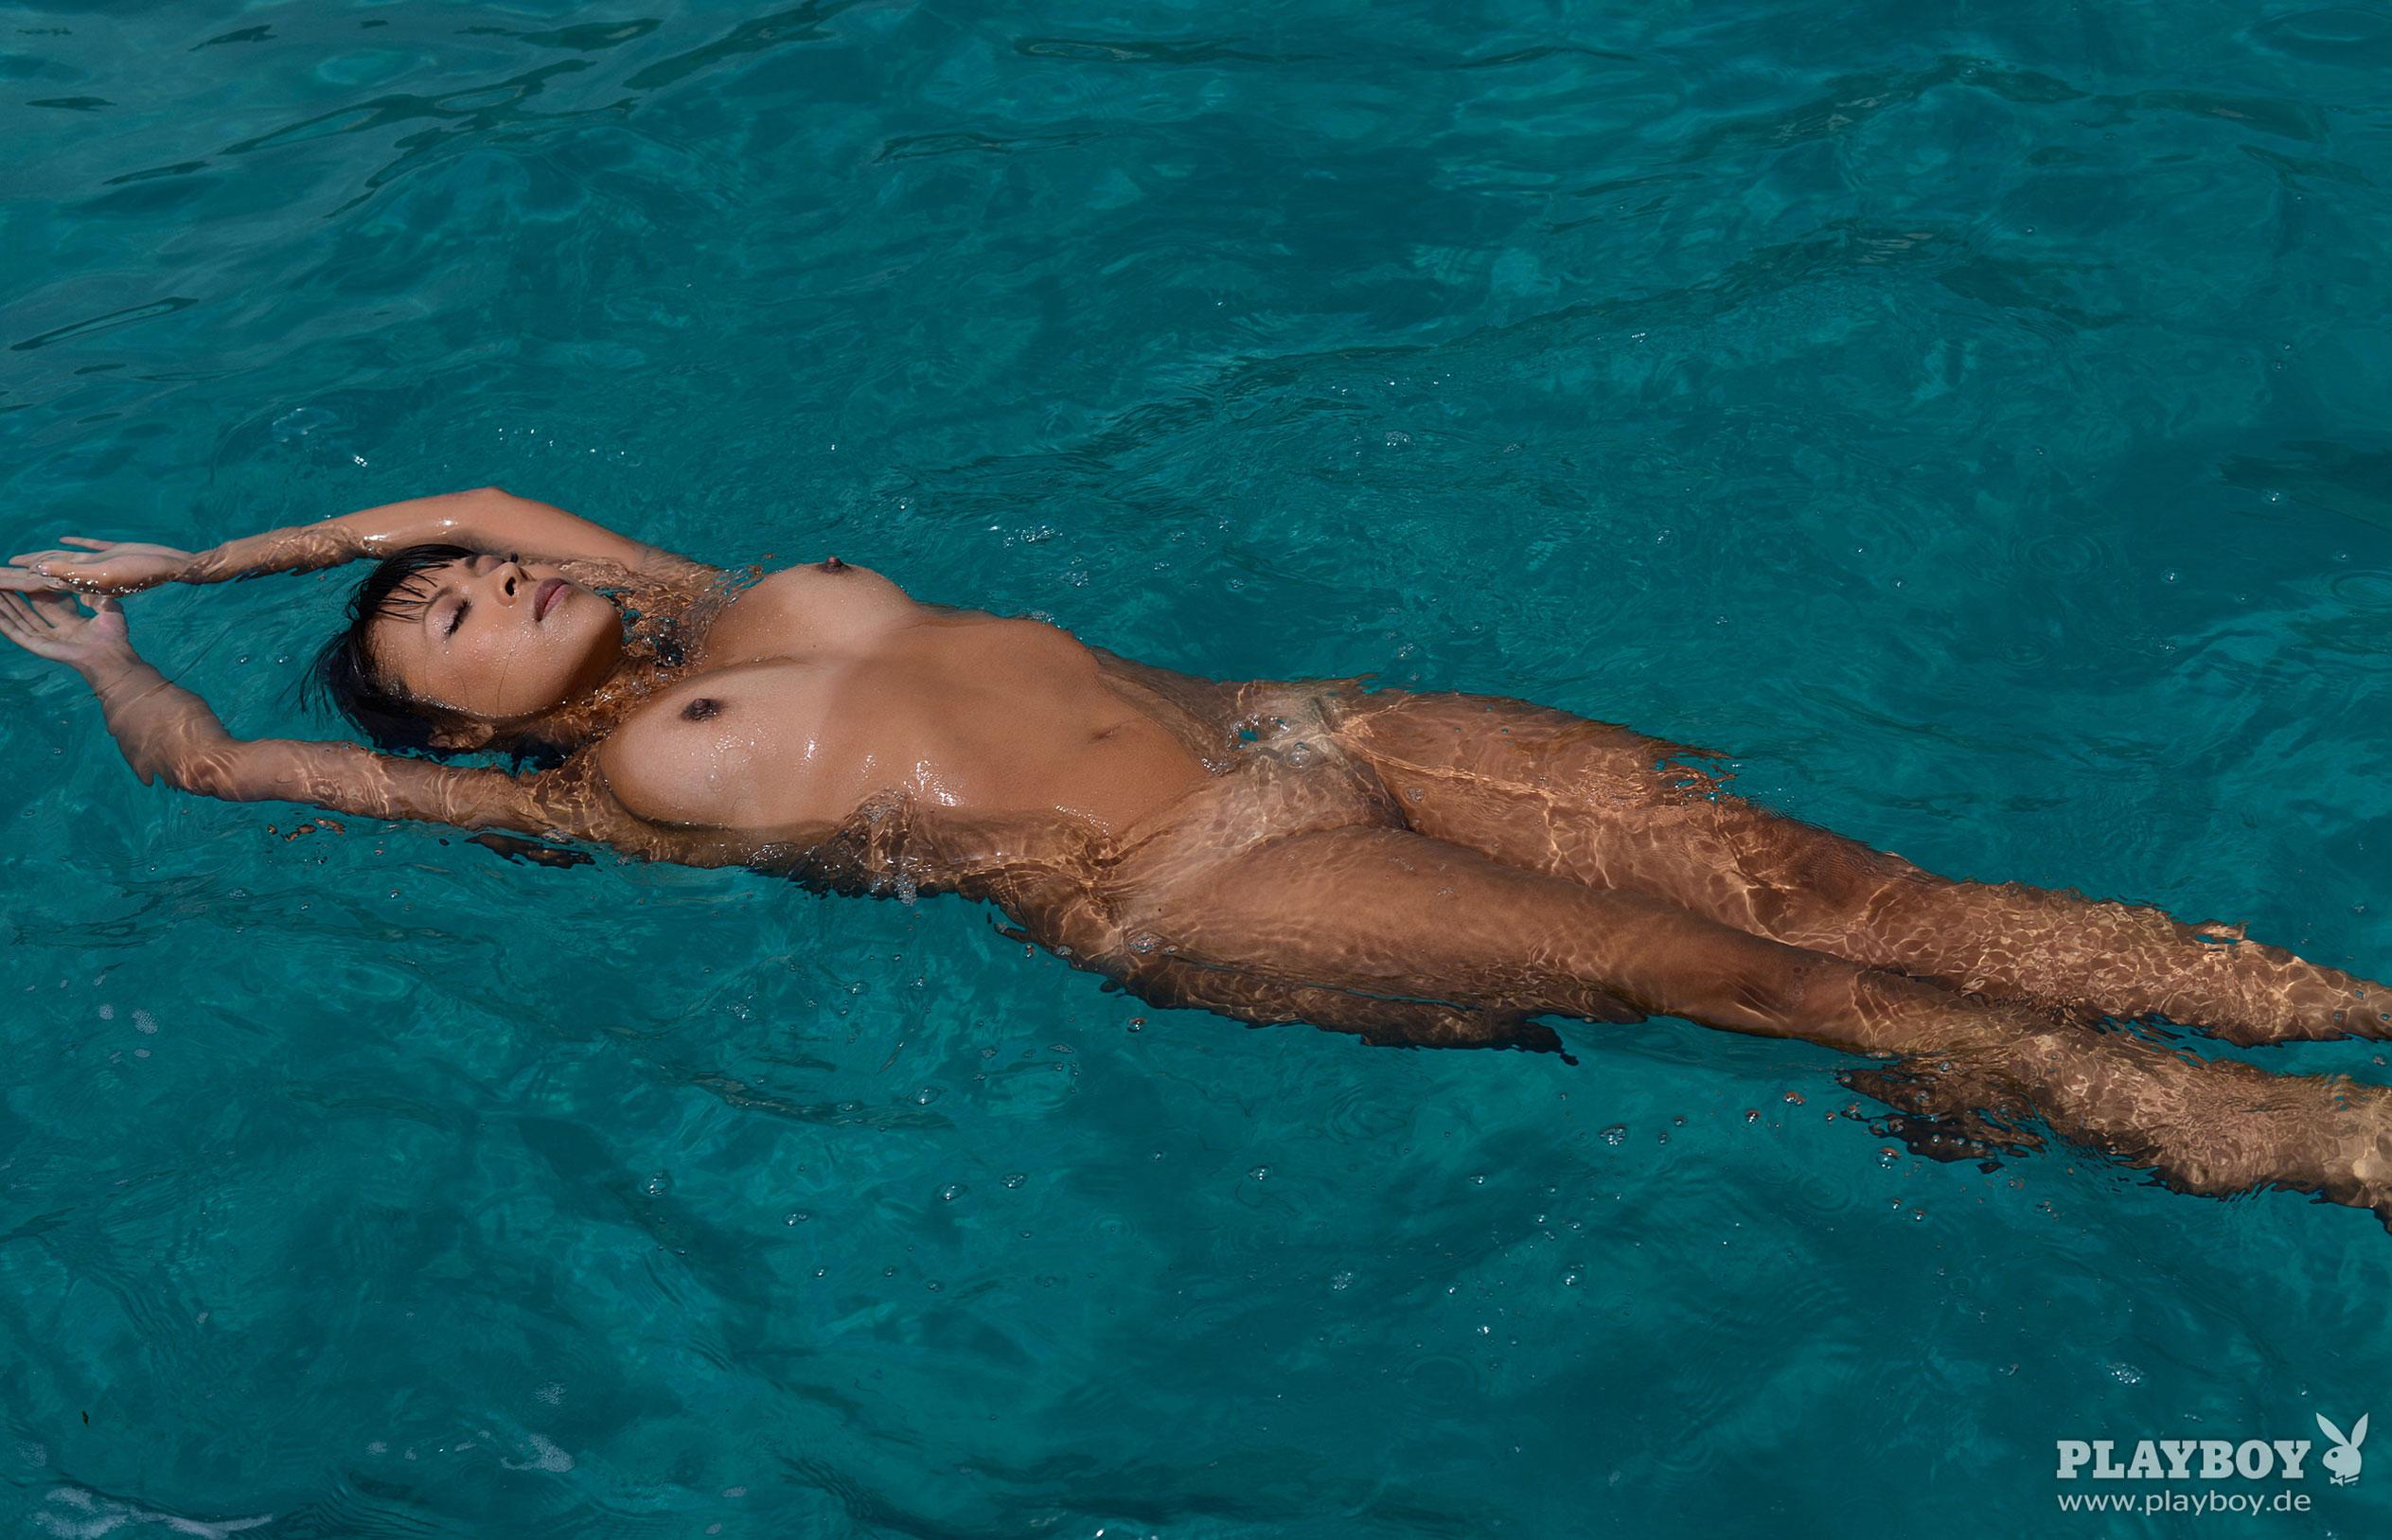 Тхан Нхан - Девушка месяца в Playboy Германия, март 2018 / фото 27